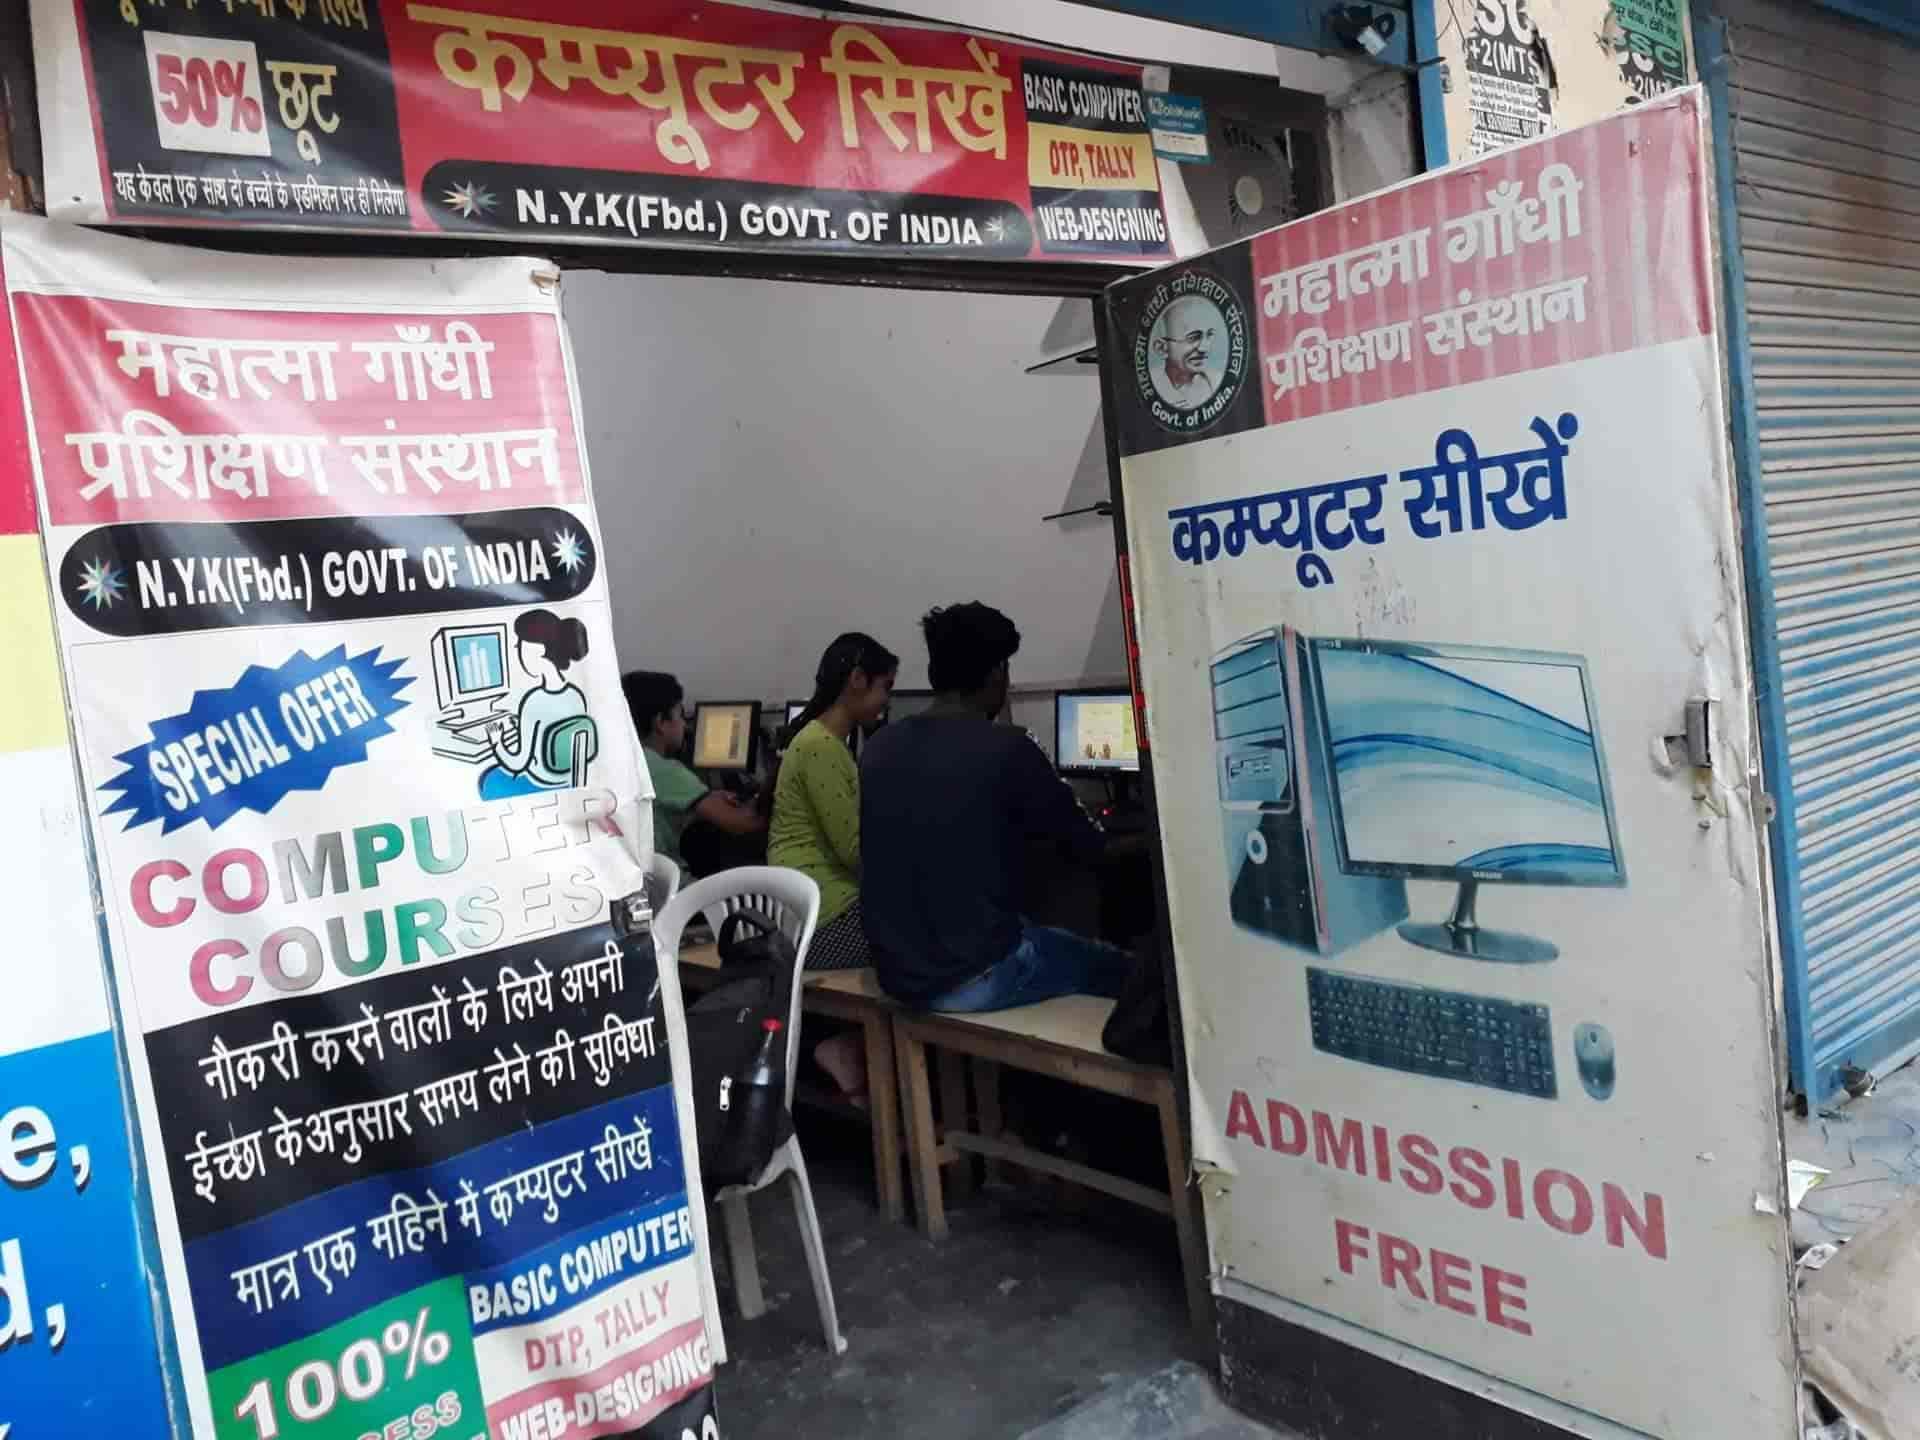 Mahatma Gandhi Training Institute, Badarpur - Computer